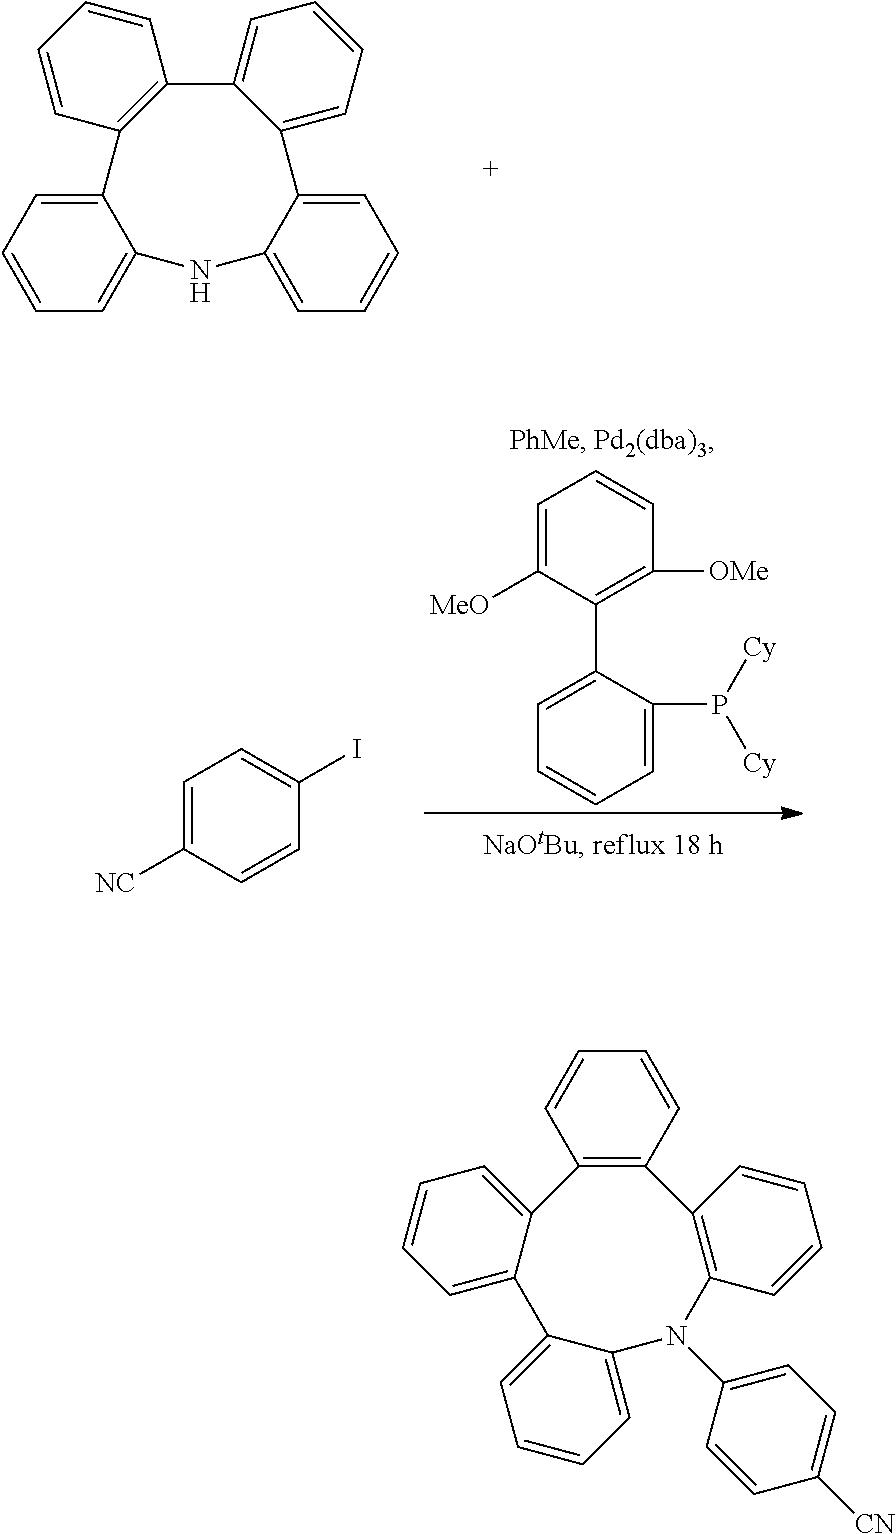 Figure US09978956-20180522-C00126